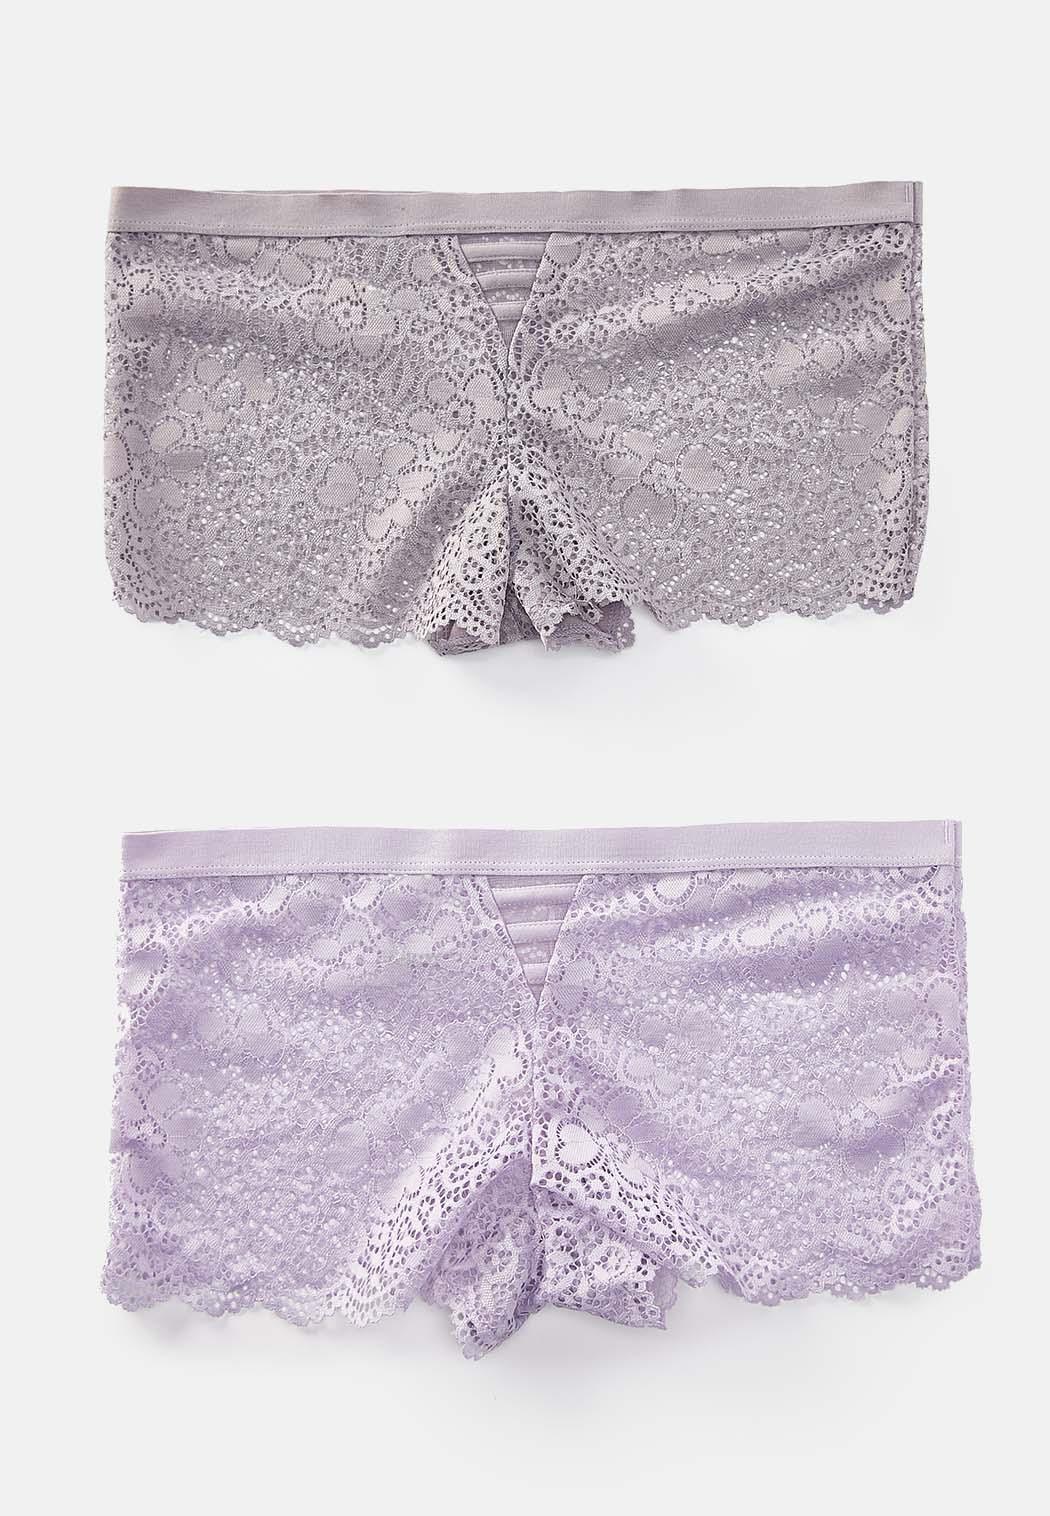 Plus Size Lavender Lace Boy Short Panty Set